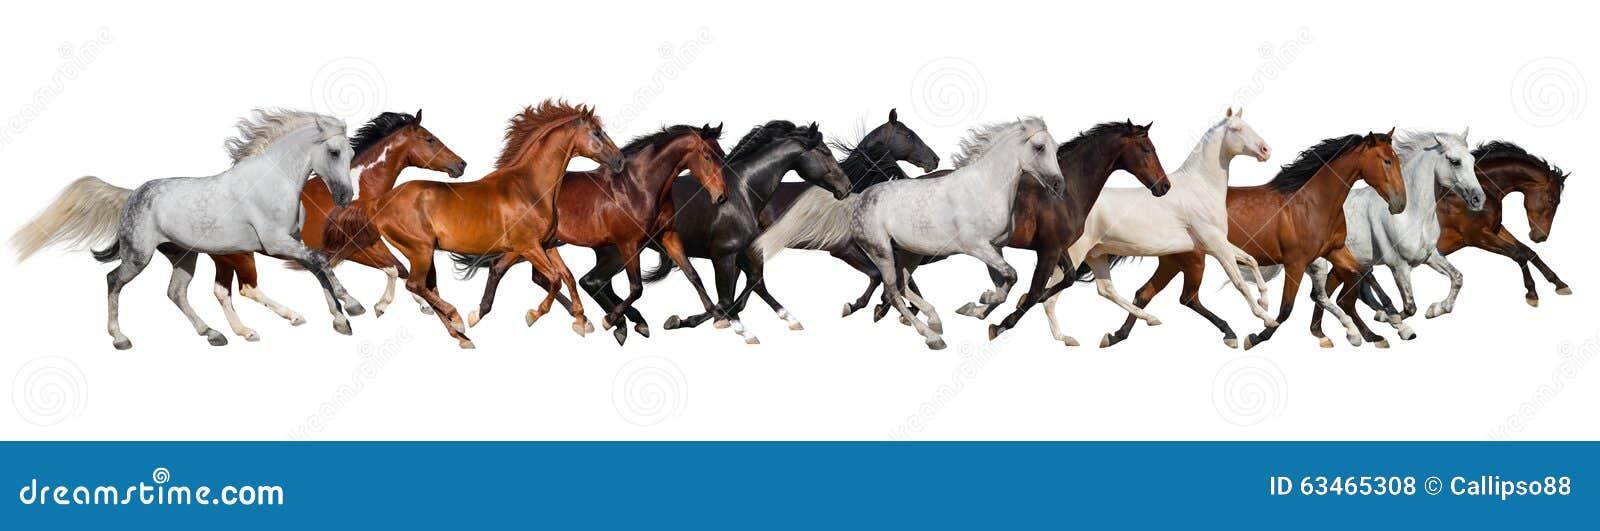 Koński stado odizolowywający